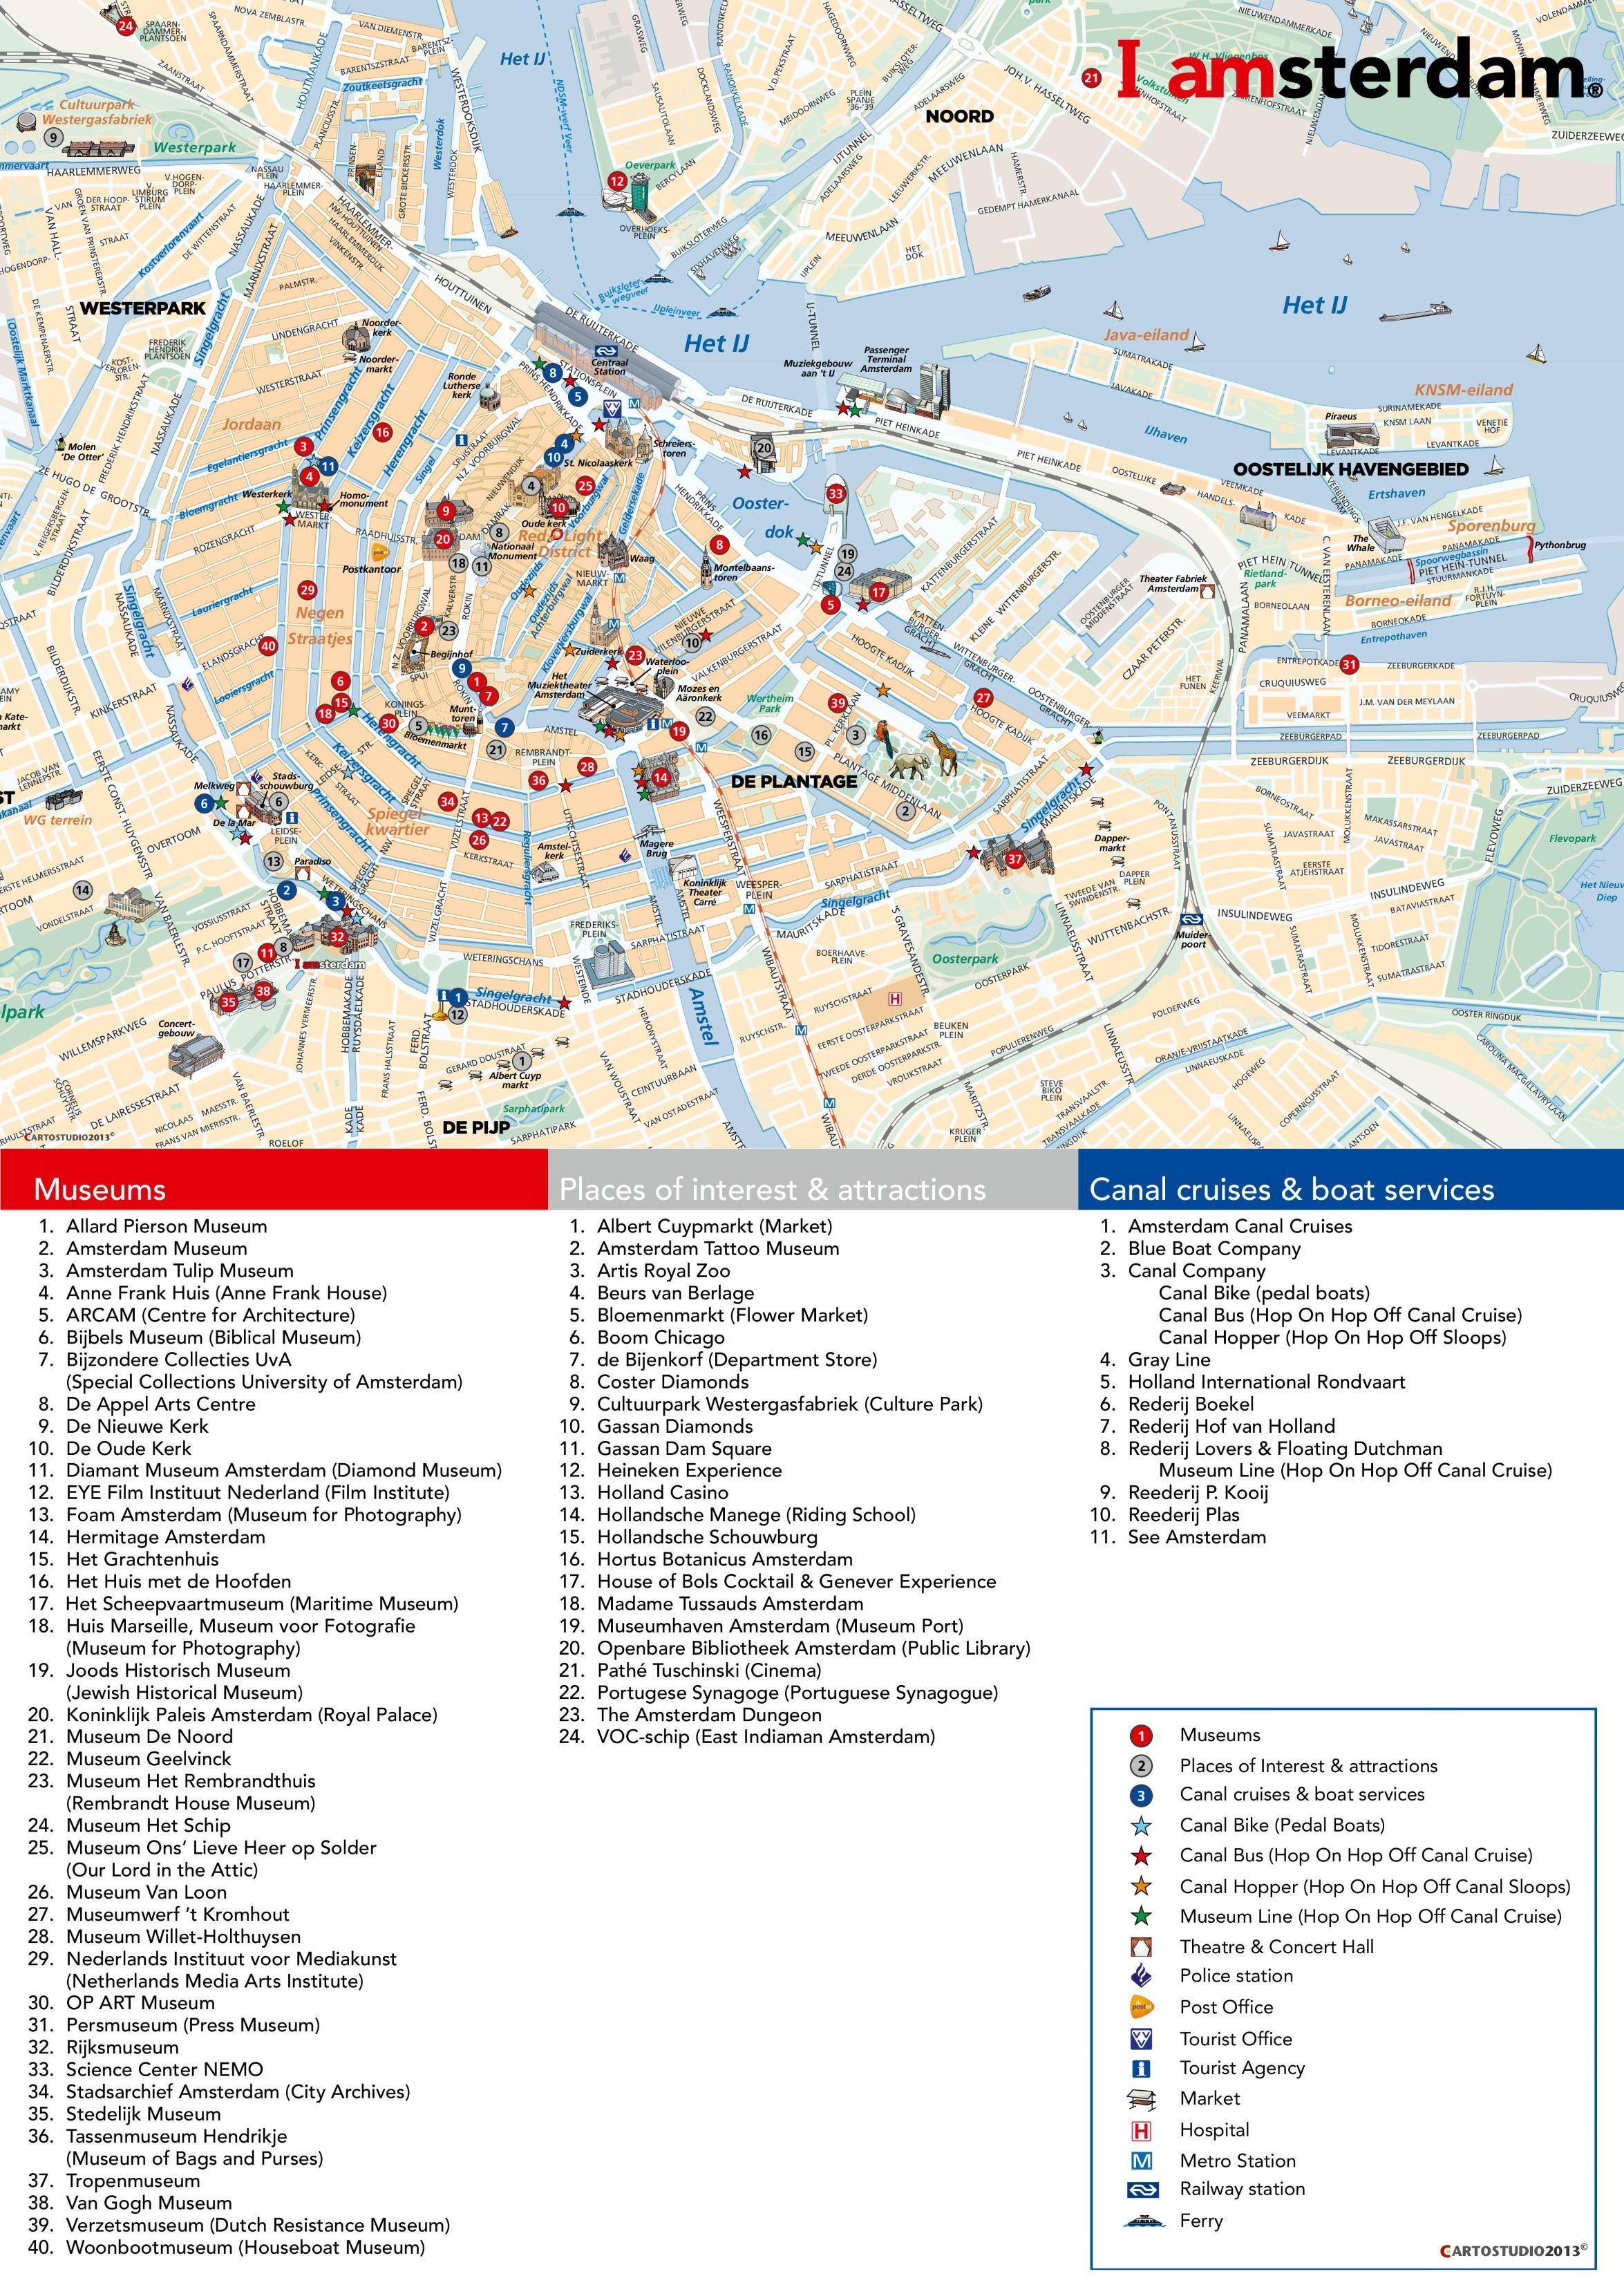 Amsterdam Toeristische Attracties Kaart Amsterdam